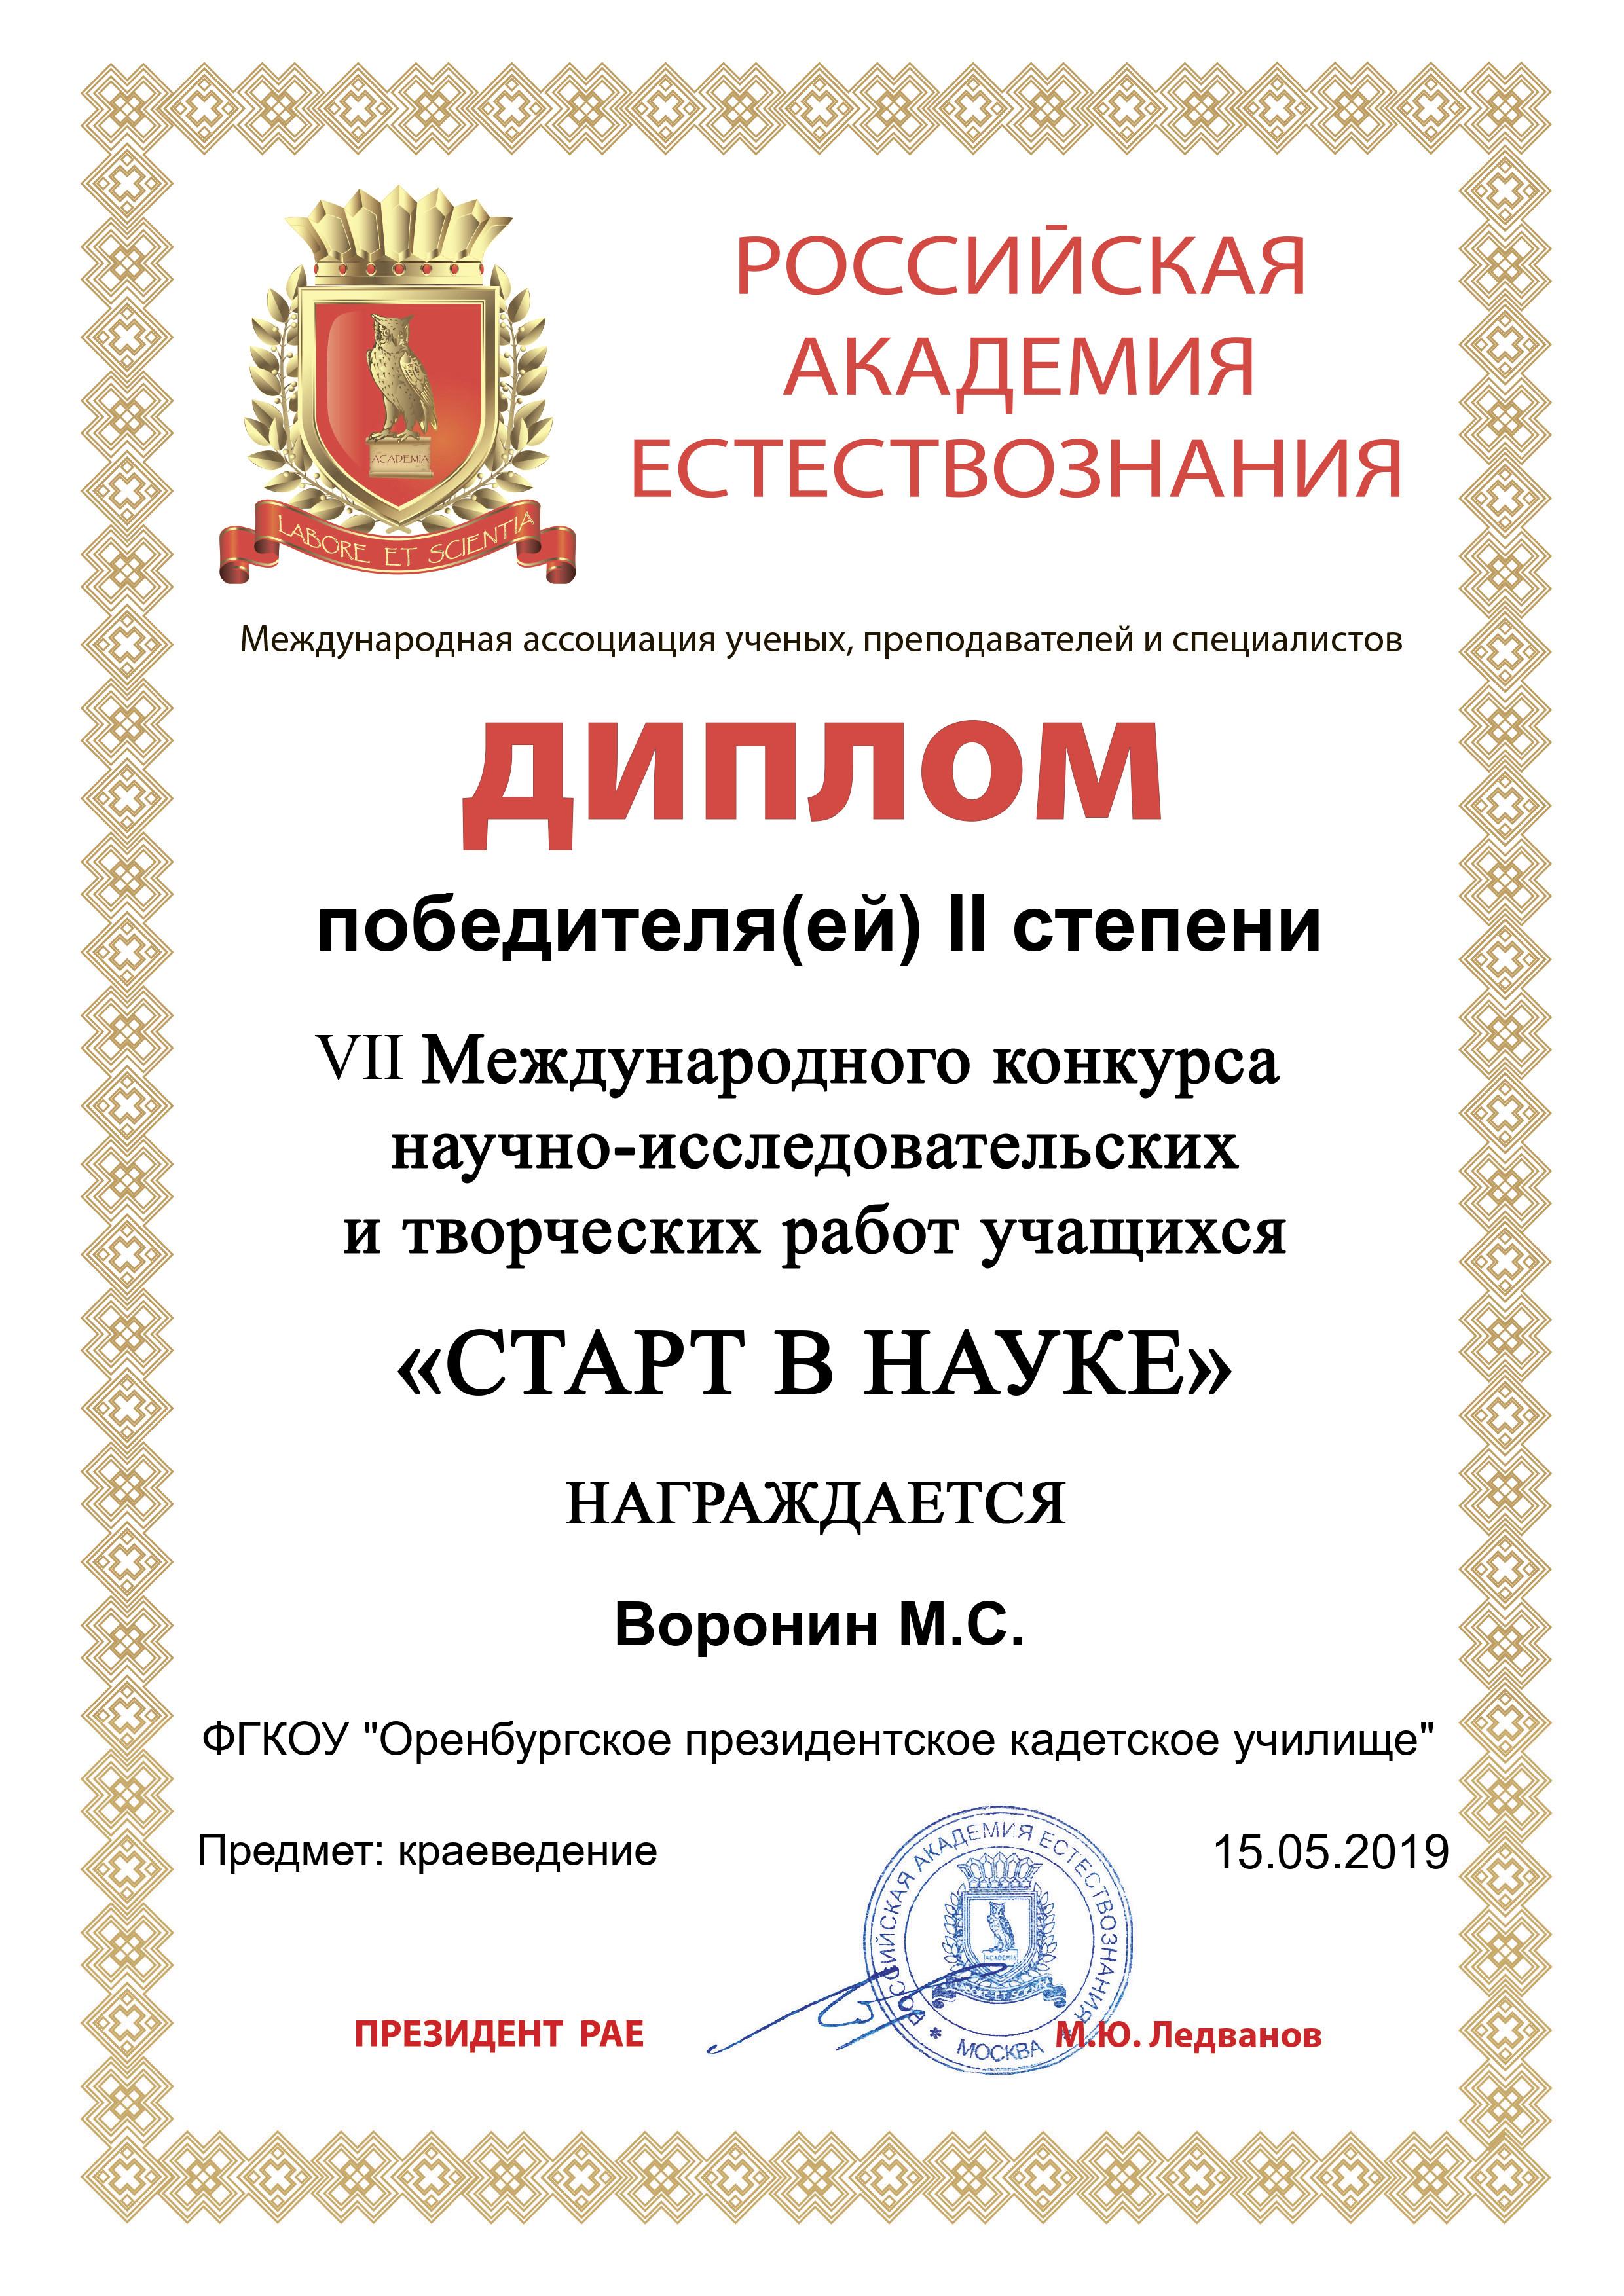 Воронин_2019